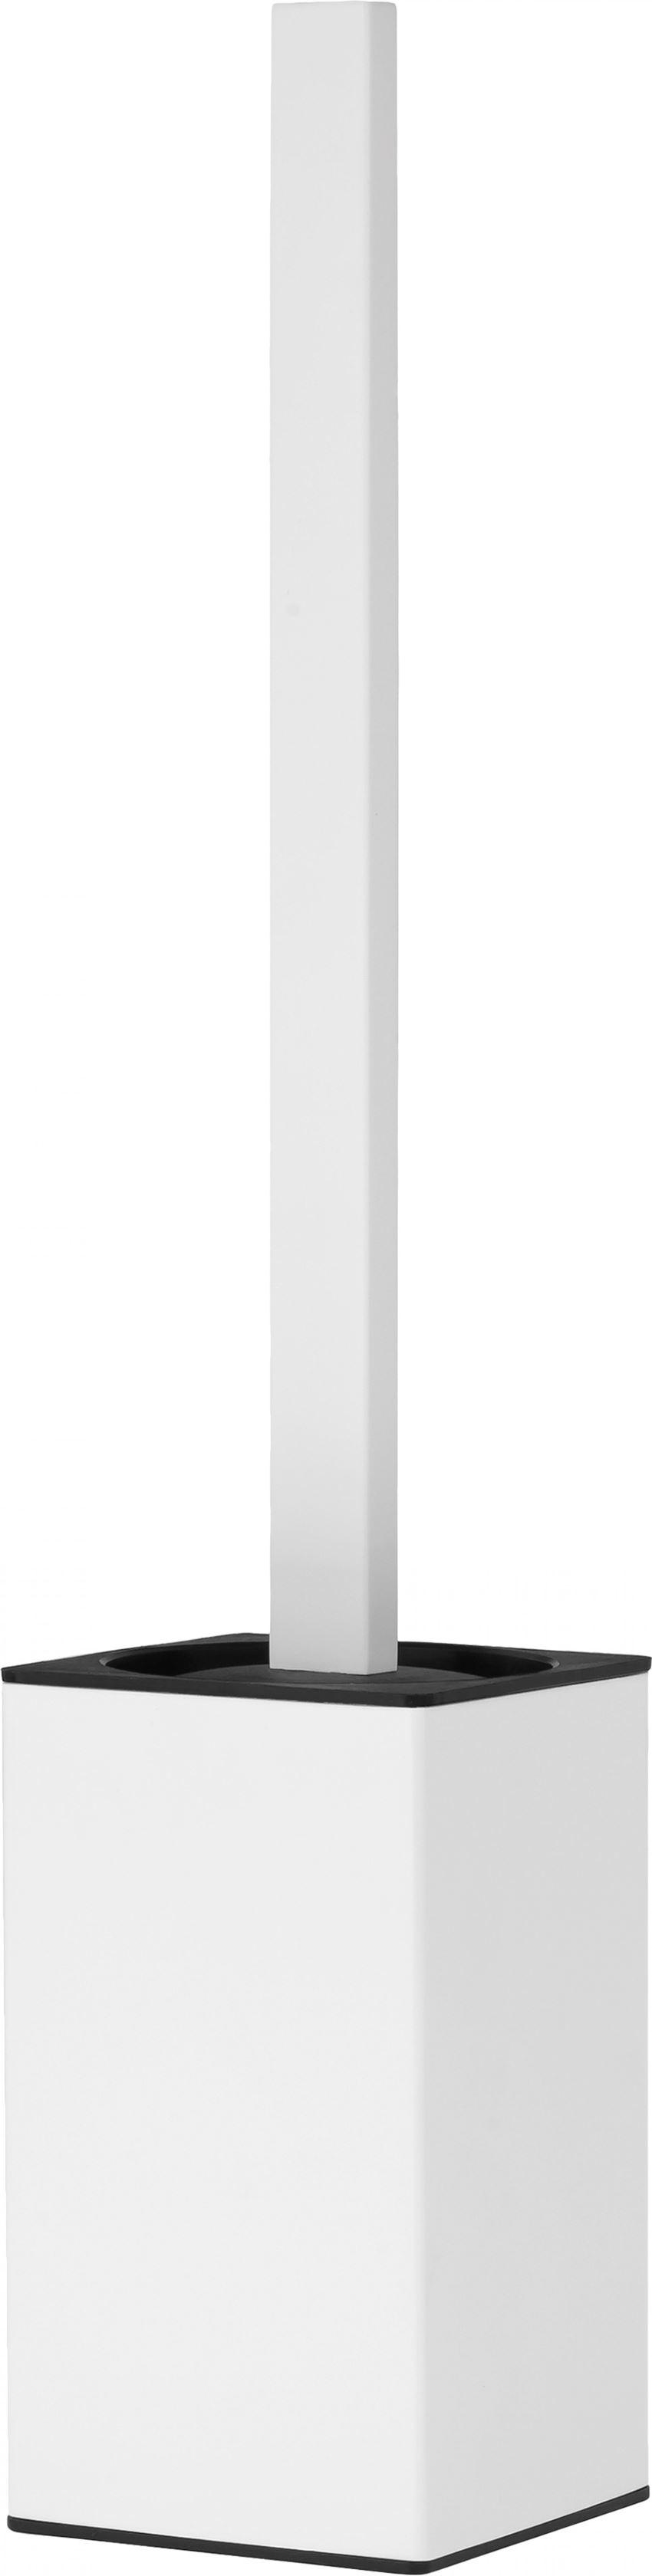 Szczotka WC z pojemnikiem wolnostojąca Bianco Deante Mokko